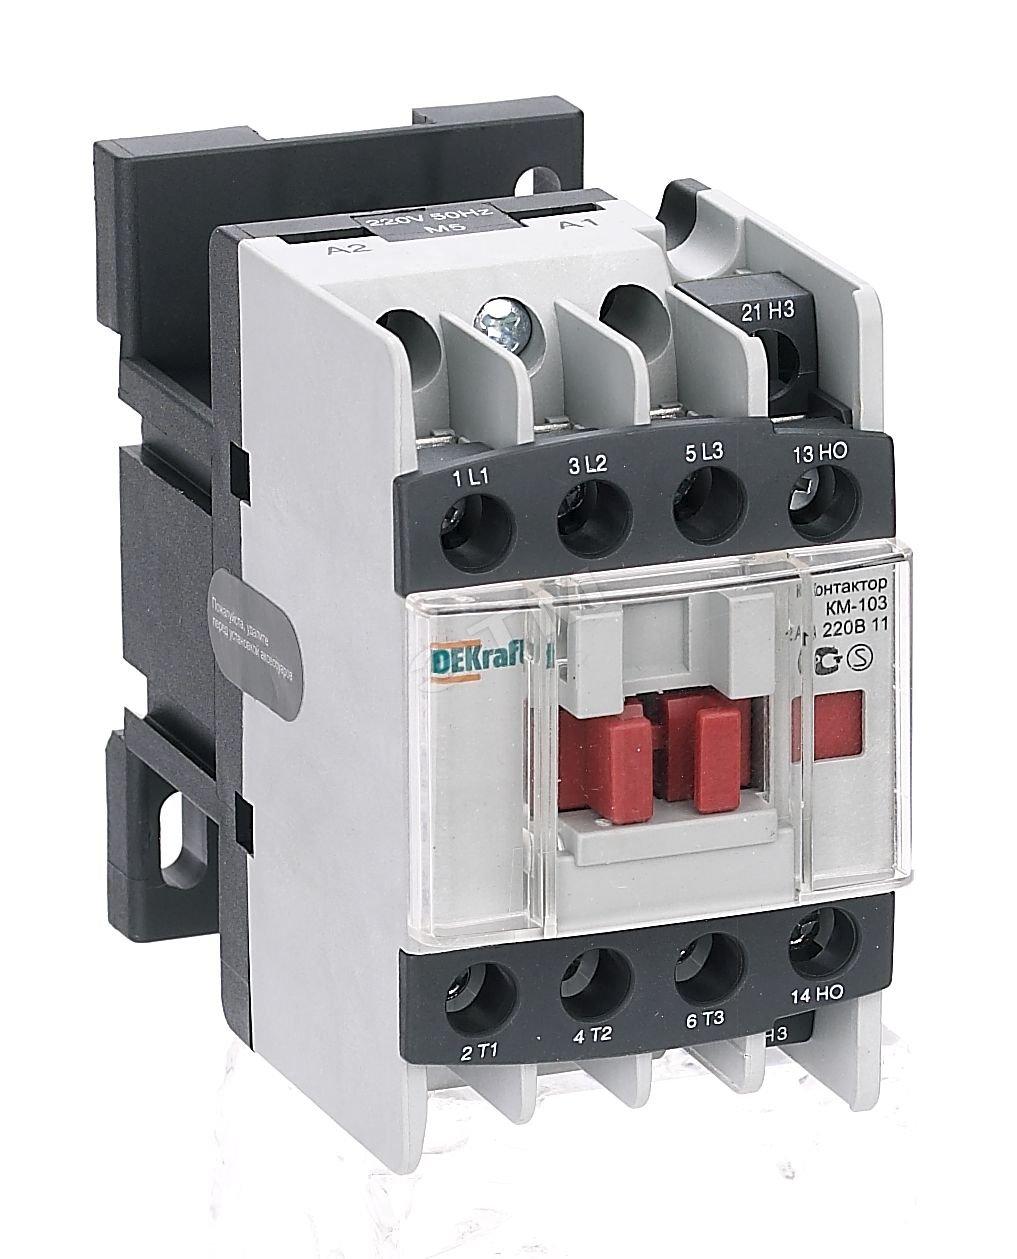 Контактор DekraftАвтоматические выключатели<br>Номинальный ток: 12,<br>Тип выключателя: контактор,<br>Количество полюсов: 1,<br>Степень защиты от пыли и влаги: IP 20<br>